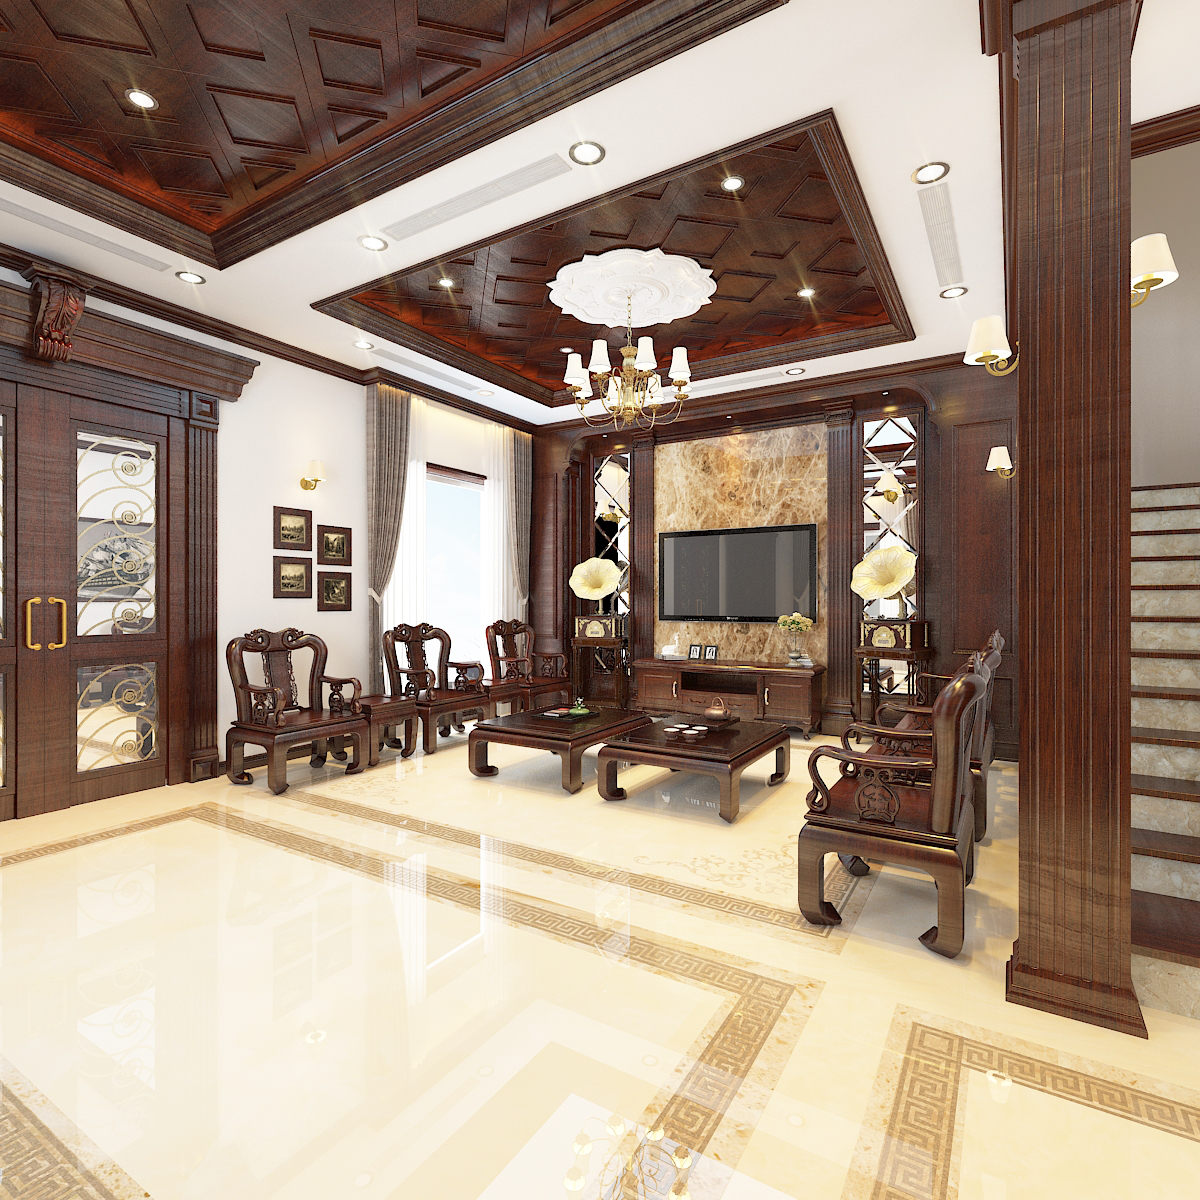 thiết kế nội thất Biệt Thự tại Hà Nội bt Vinhomes - riverside 18 1568276266